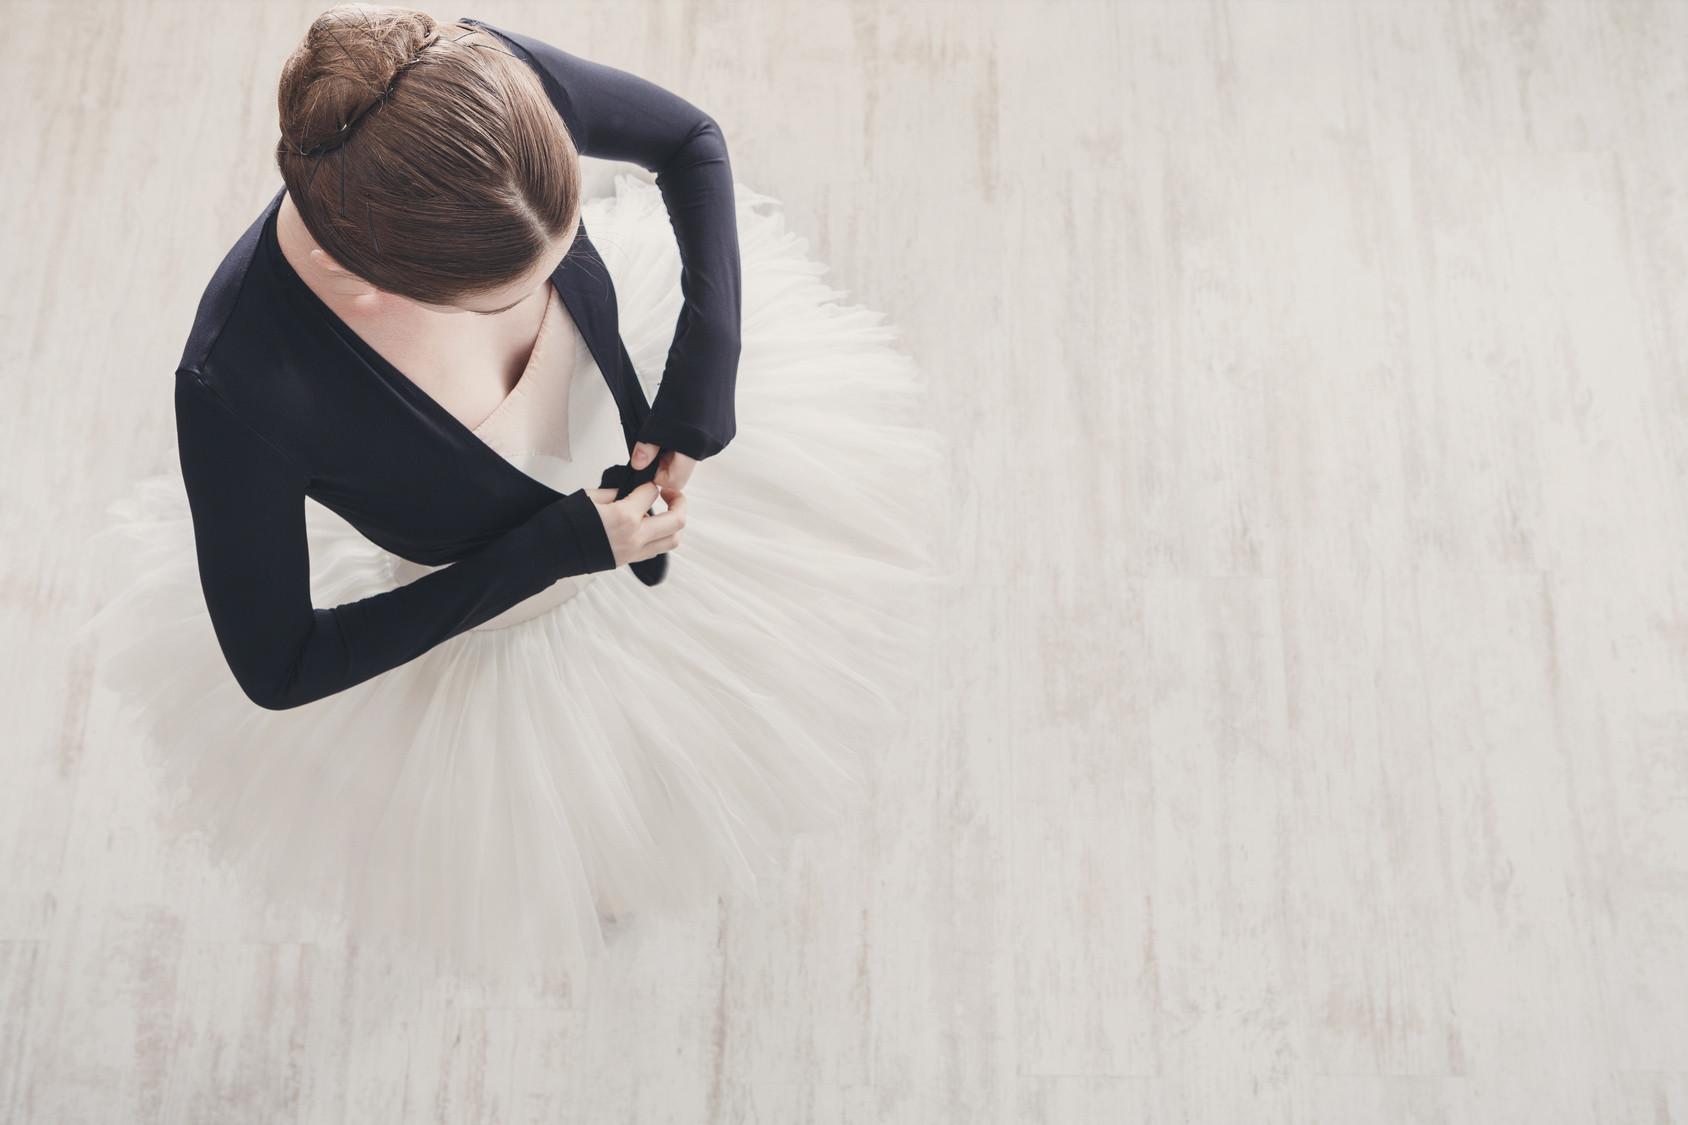 Tops et cache-cœurs de danse : échauffez-vous en douceur.